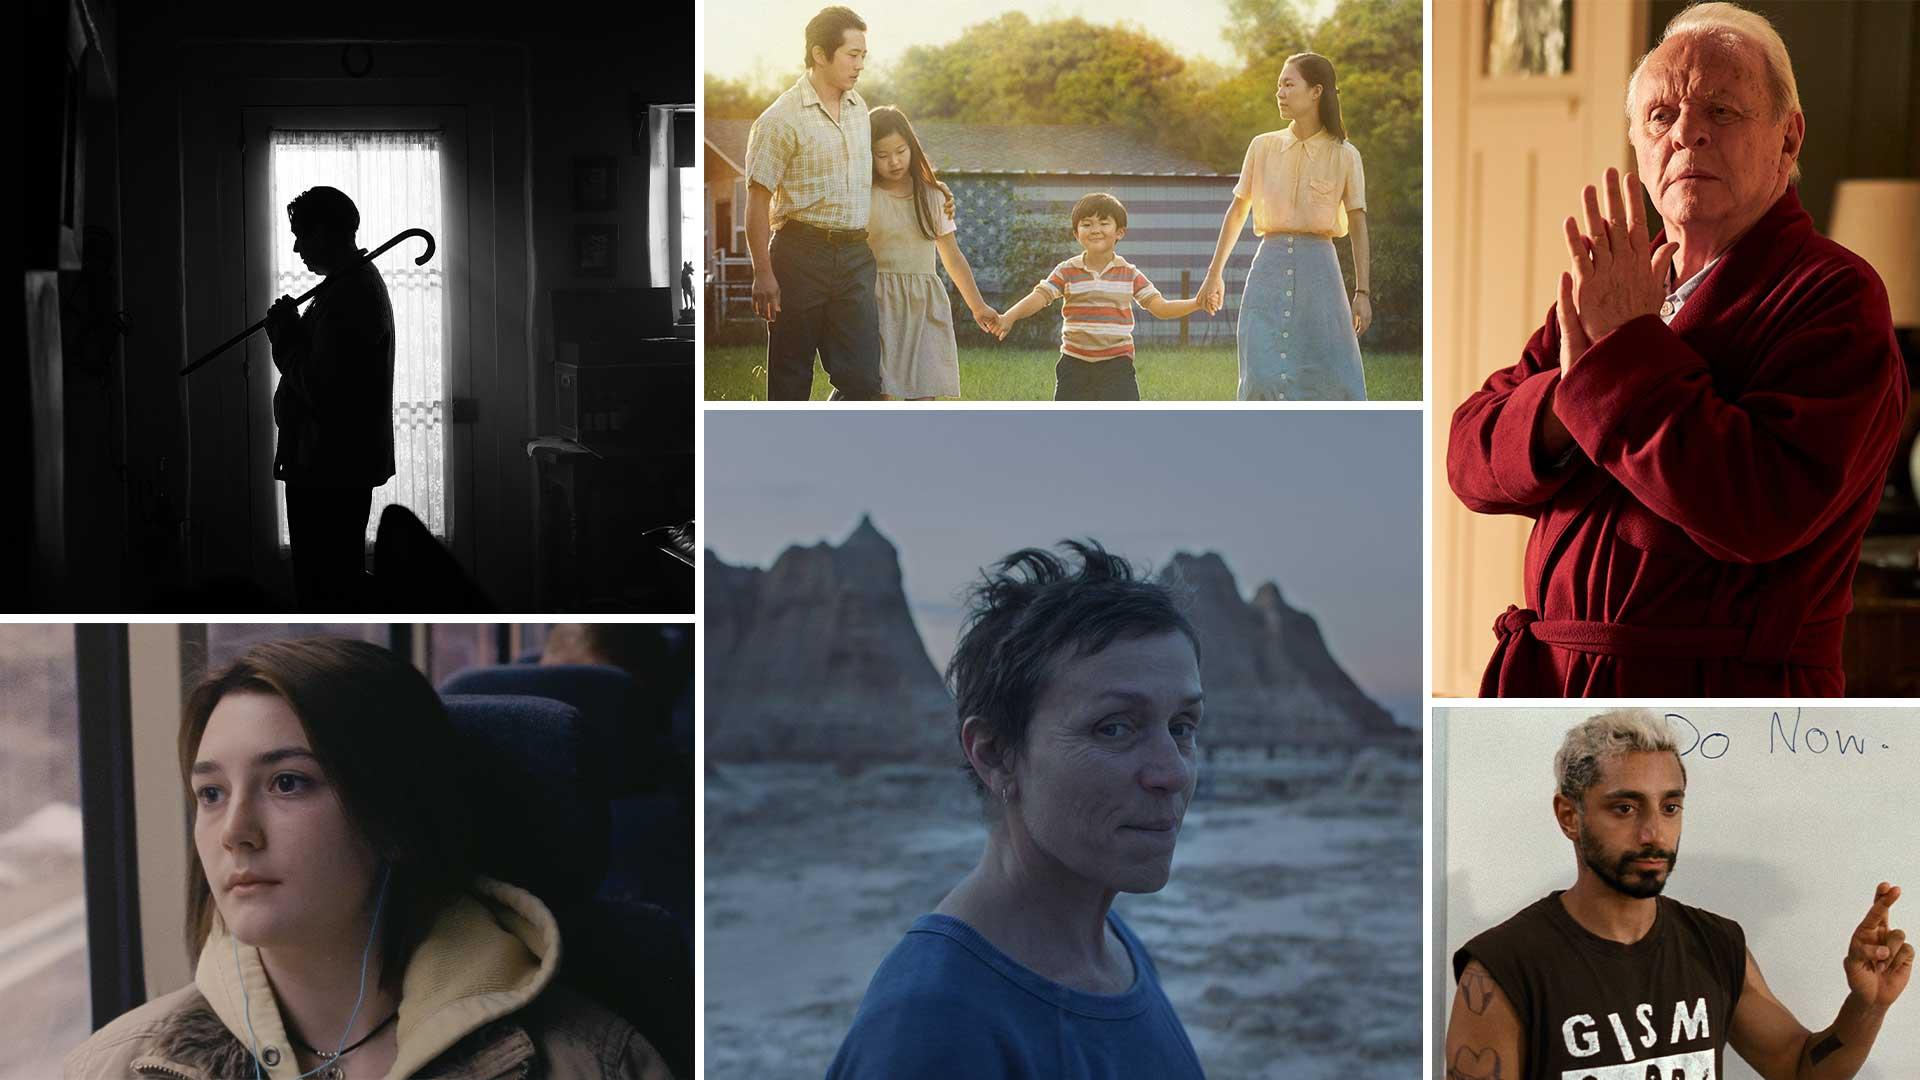 بهترین فیلم های درام 2020